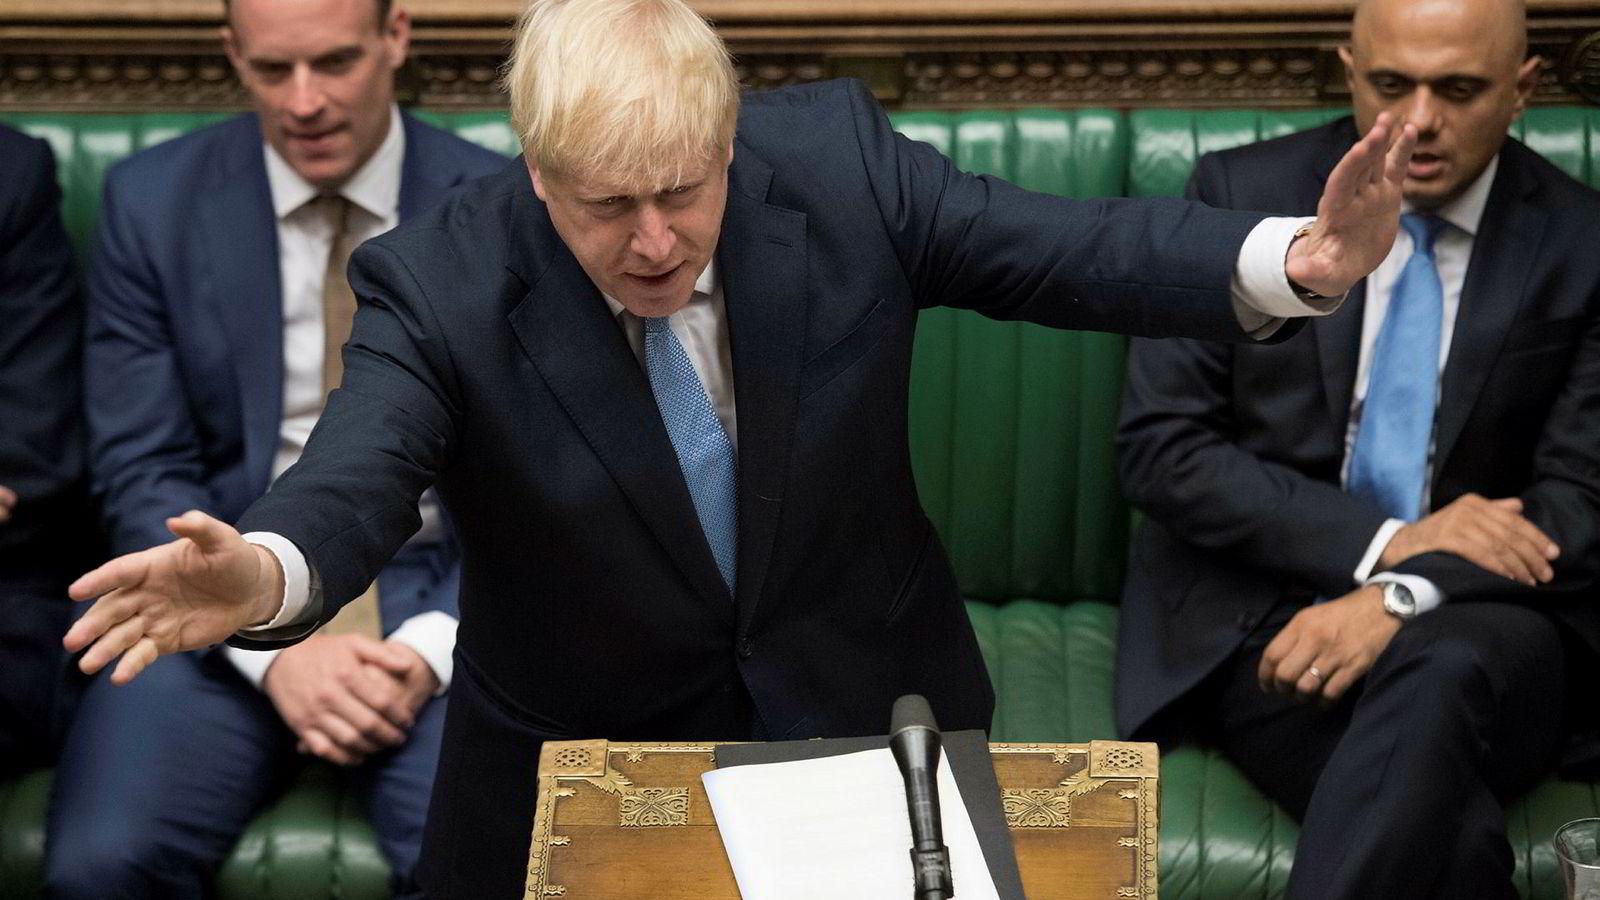 Storbritannias nye statsminister Boris Johnson truer med «hard brexit» hvis utmeldingsavtalen med EU ikke reforhandles. Brexit er Norges største utenrikspolitiske utfordring, skriver Espen Barth Eide.